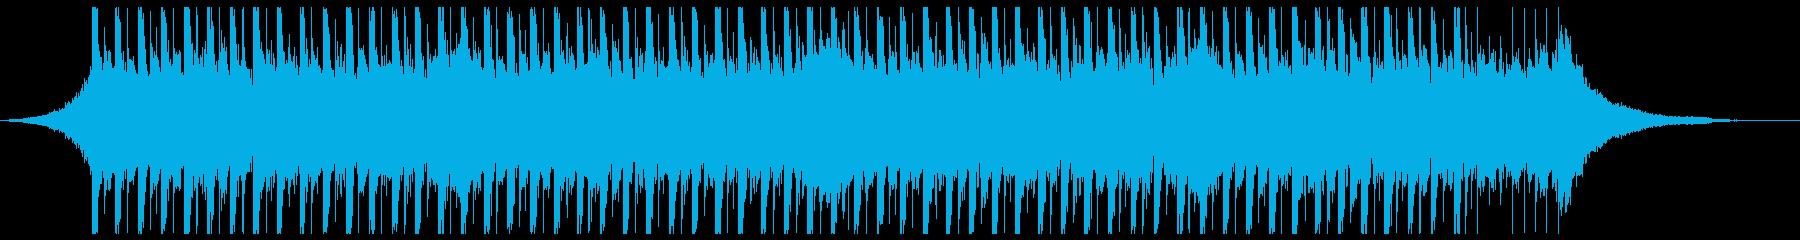 株式会社シリアス(ショート)の再生済みの波形